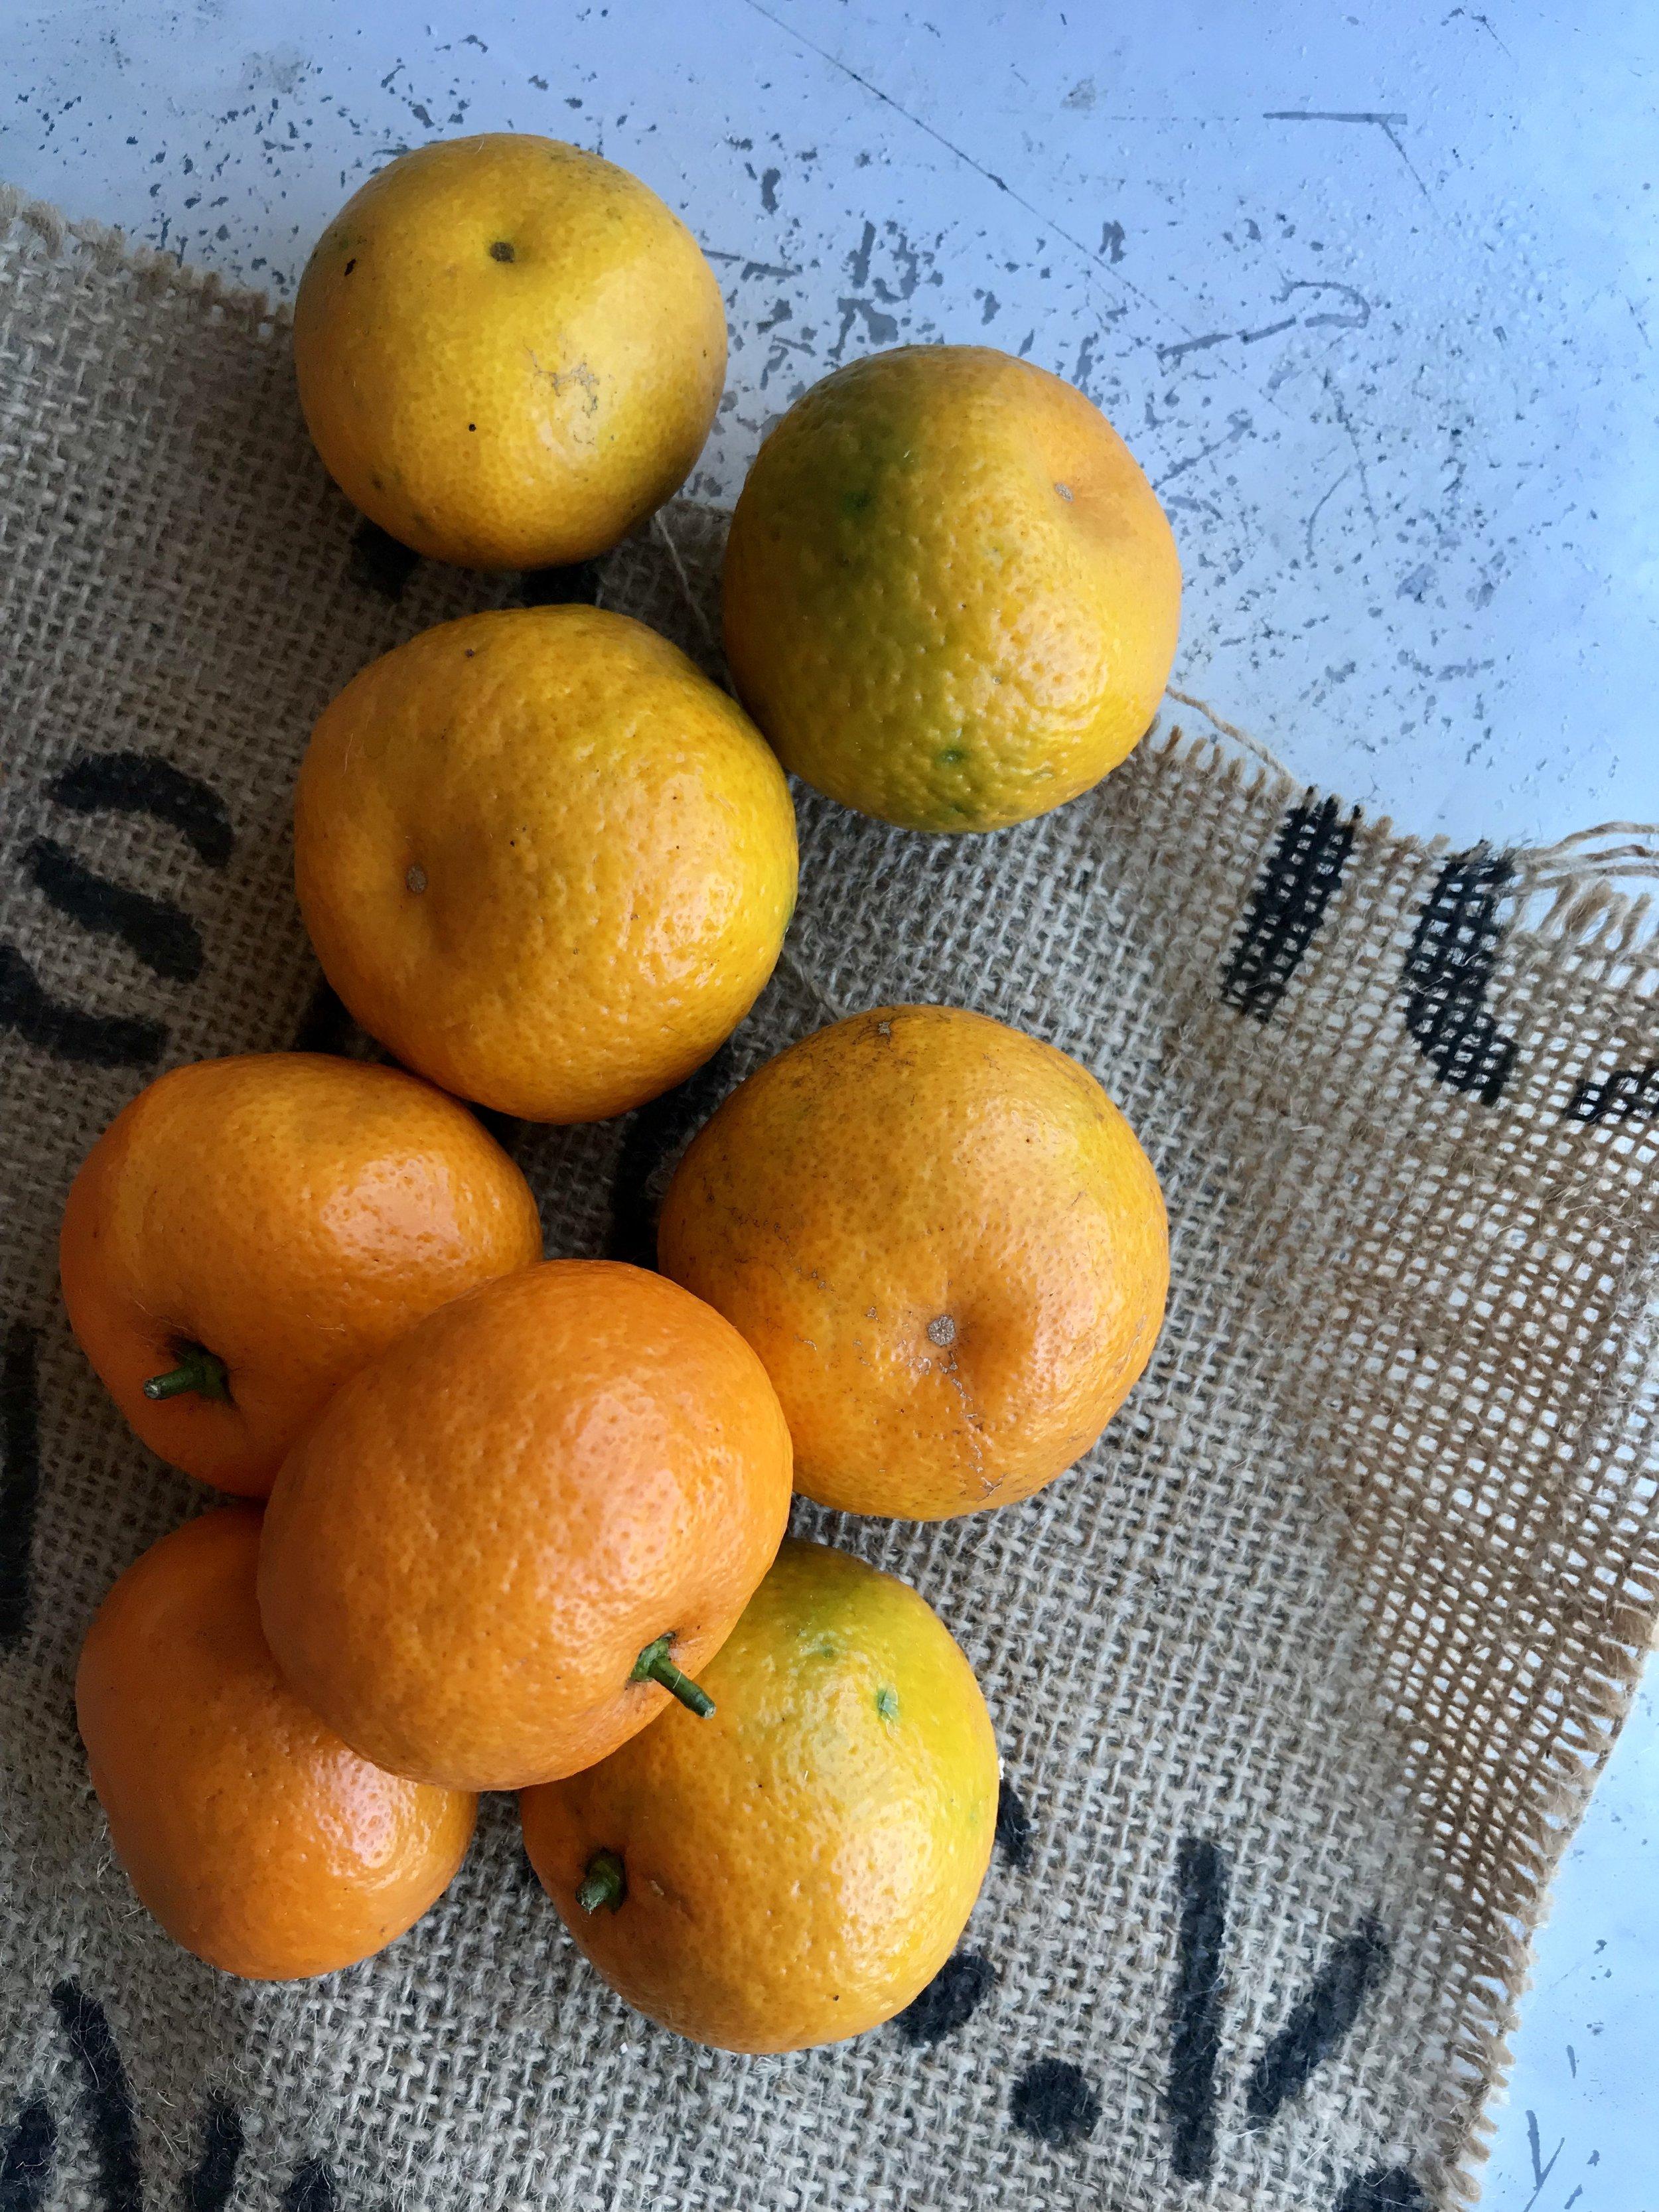 Oranges /  Florida